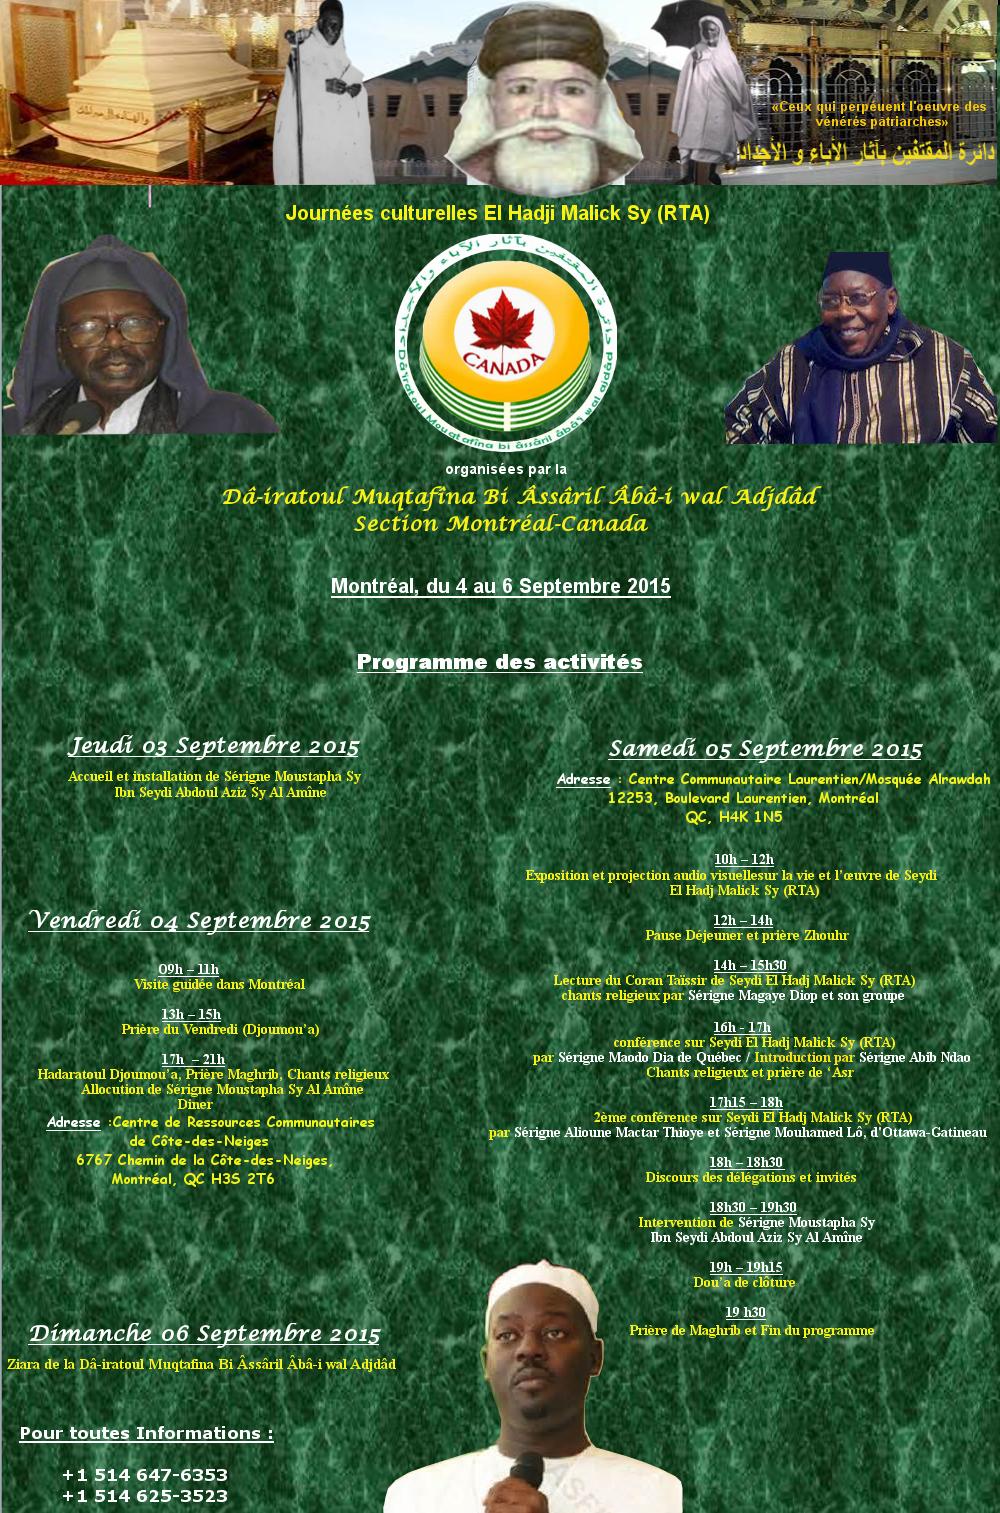 CANADA - Journée El Hadj Malick Sy (rta) de la Dahira Mouqtafina, du 4 au 6 Septembre 2015 à Montréal